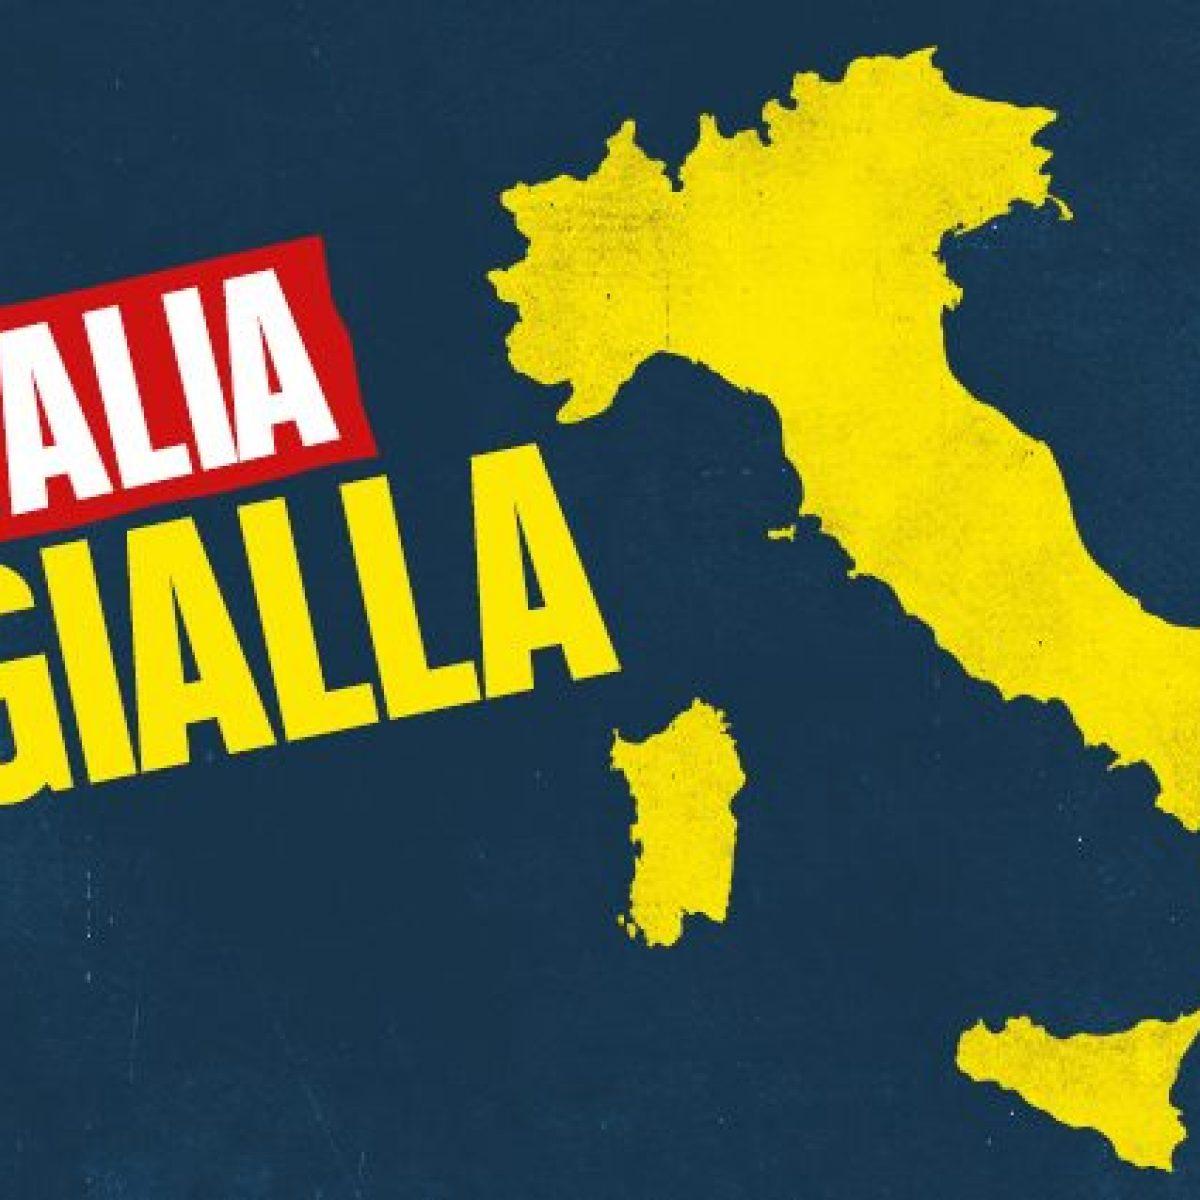 Cartina Lombardia Da Colorare.Quali Regioni Cambiano Colore Domenica 13 Dicembre Lombardia E Piemonte In Zona Gialla